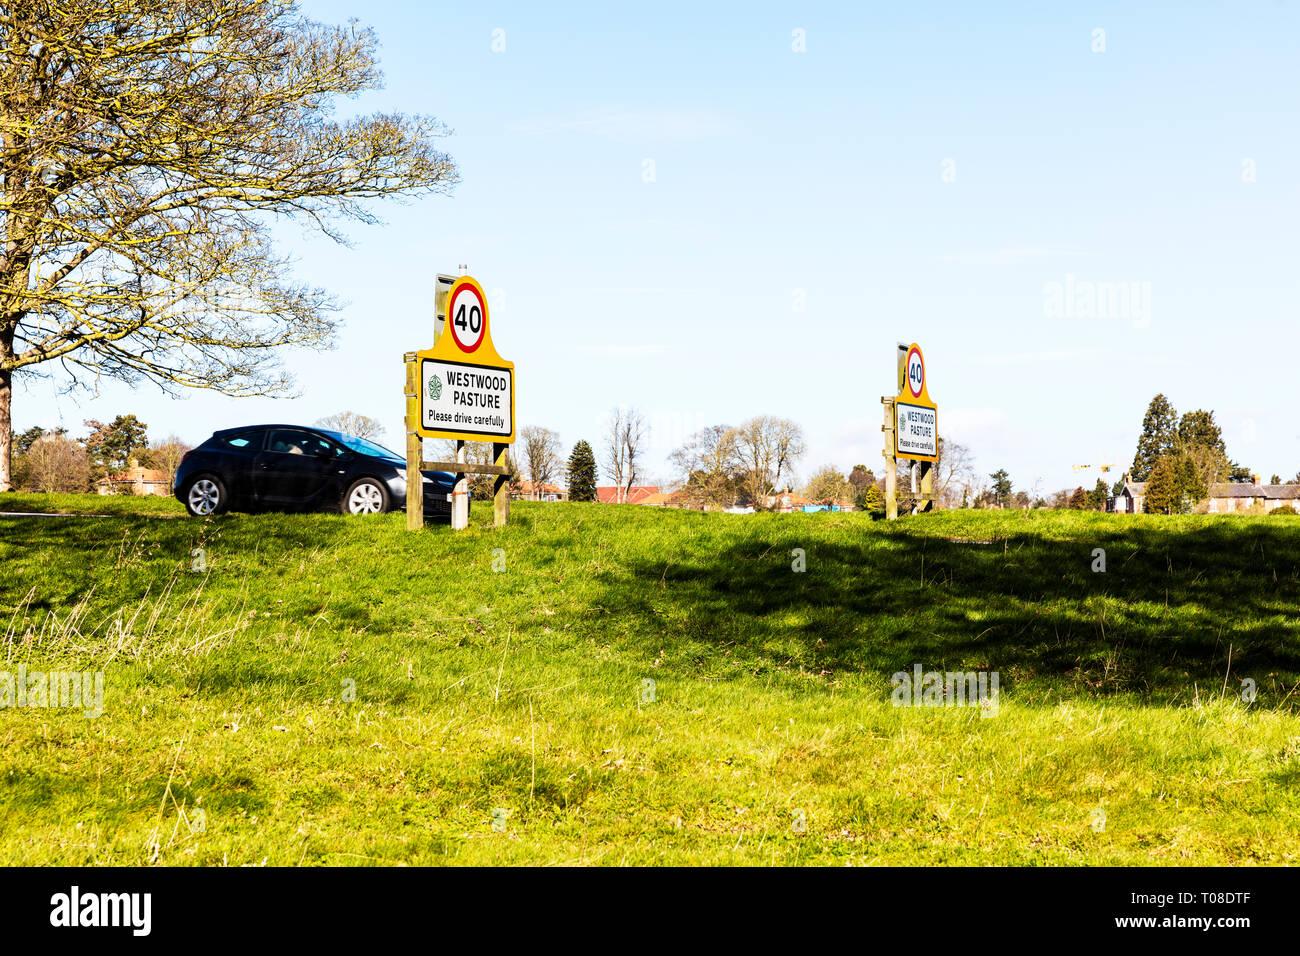 Westwood Pasture Beverley Yorkshire UK, please drive carefully sign, Westwood Pasture sign, Westwood Pasture signs, Westwood Pasture, 40MPH sign, 40 Stock Photo